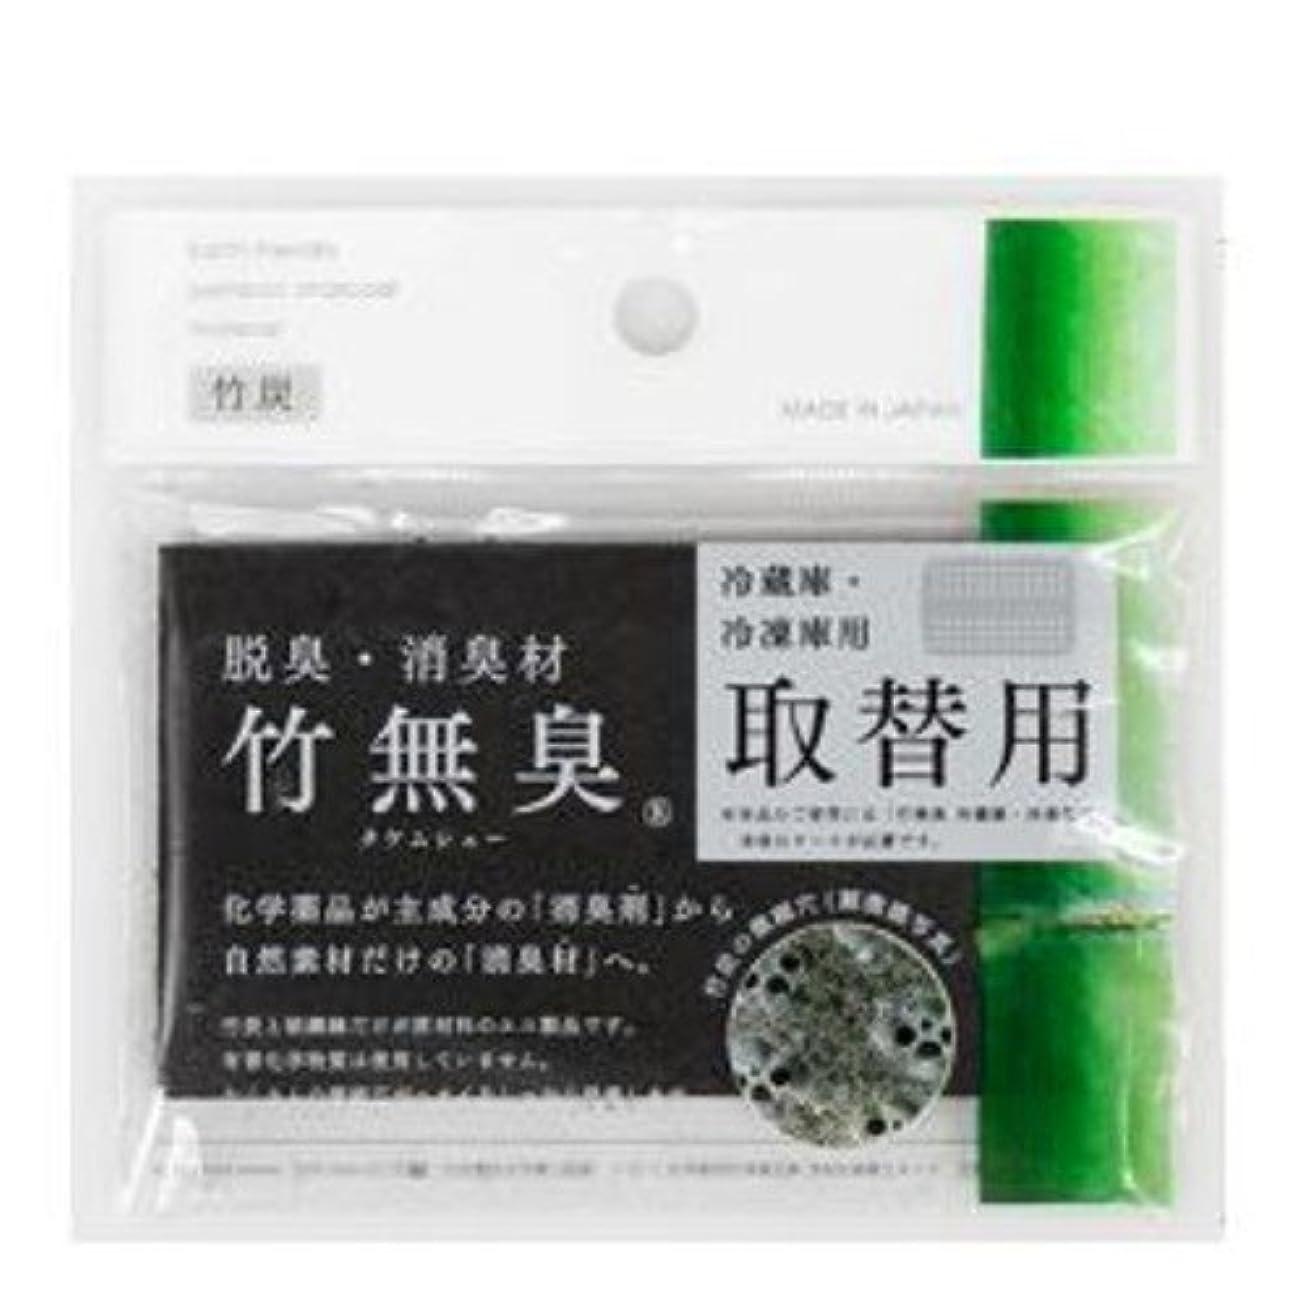 美徳アライメント植物の竹無臭取替用 (冷蔵庫?冷凍庫用)